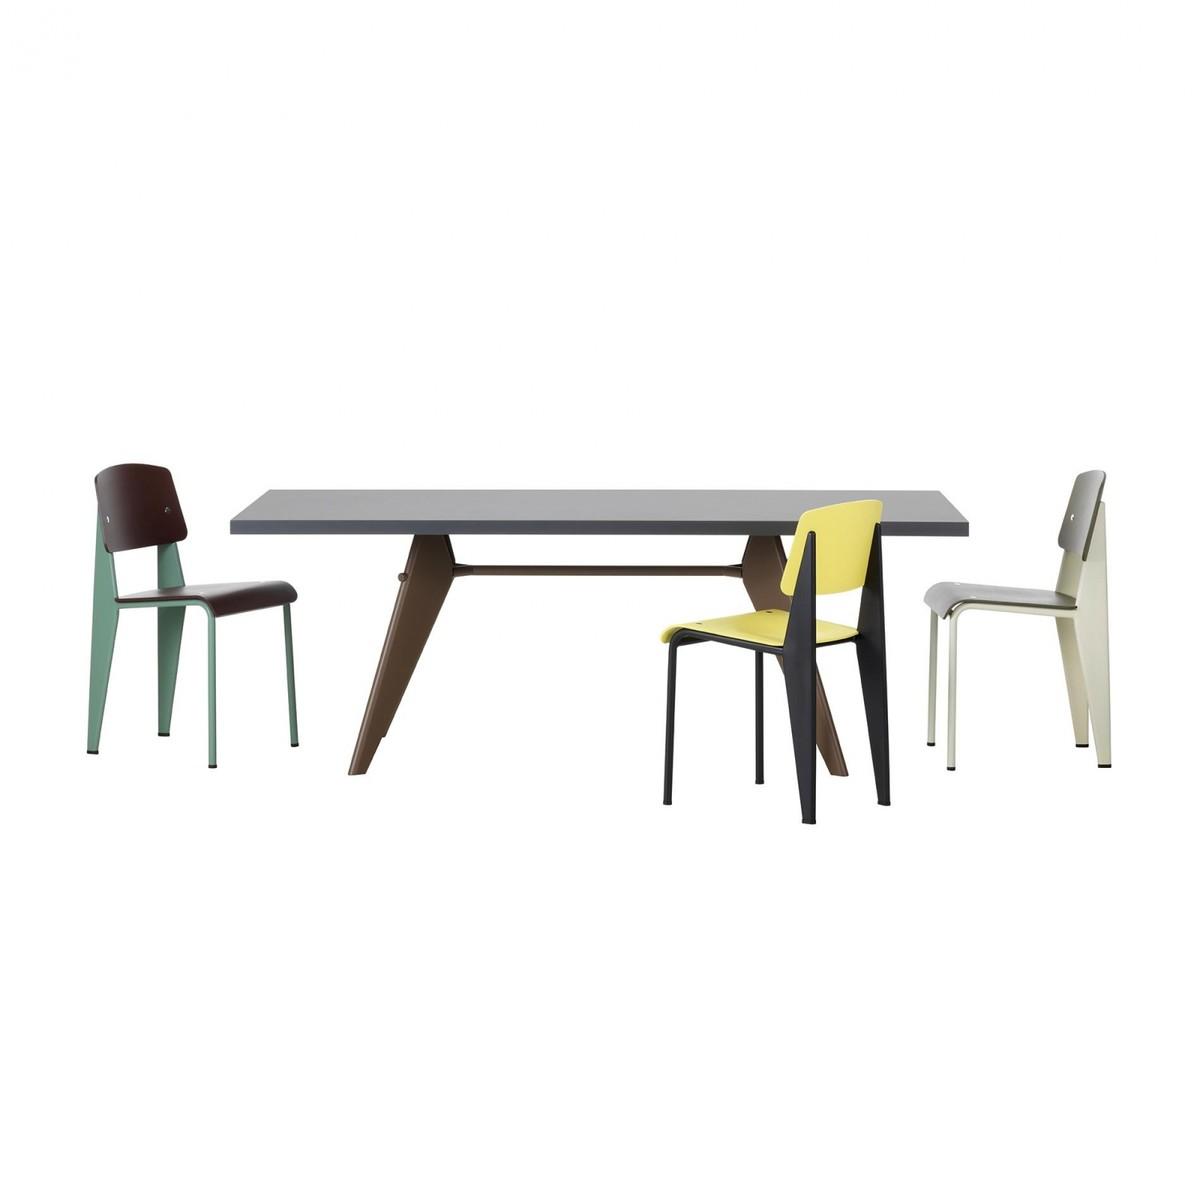 em table hpl prouv tisch vitra. Black Bedroom Furniture Sets. Home Design Ideas